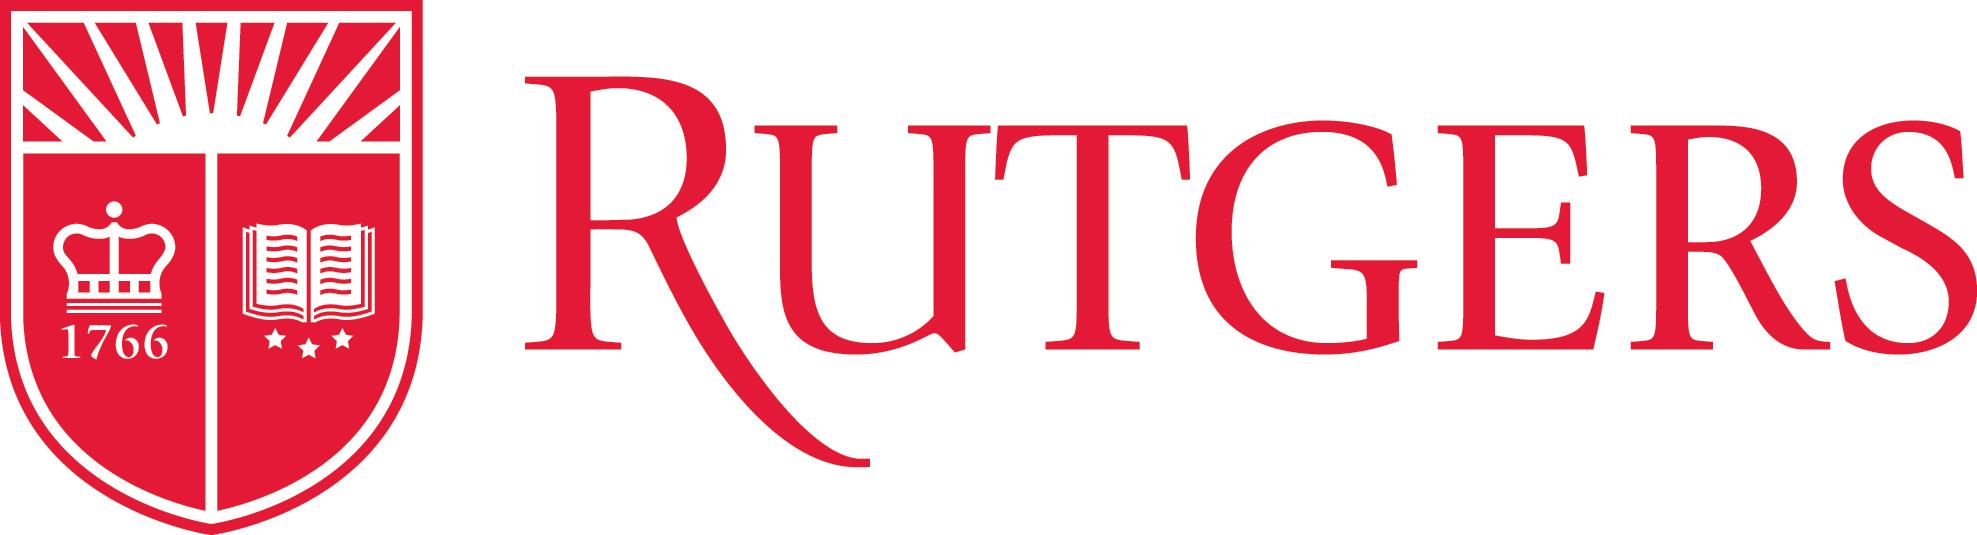 Logo-Rutgers-University.jpg